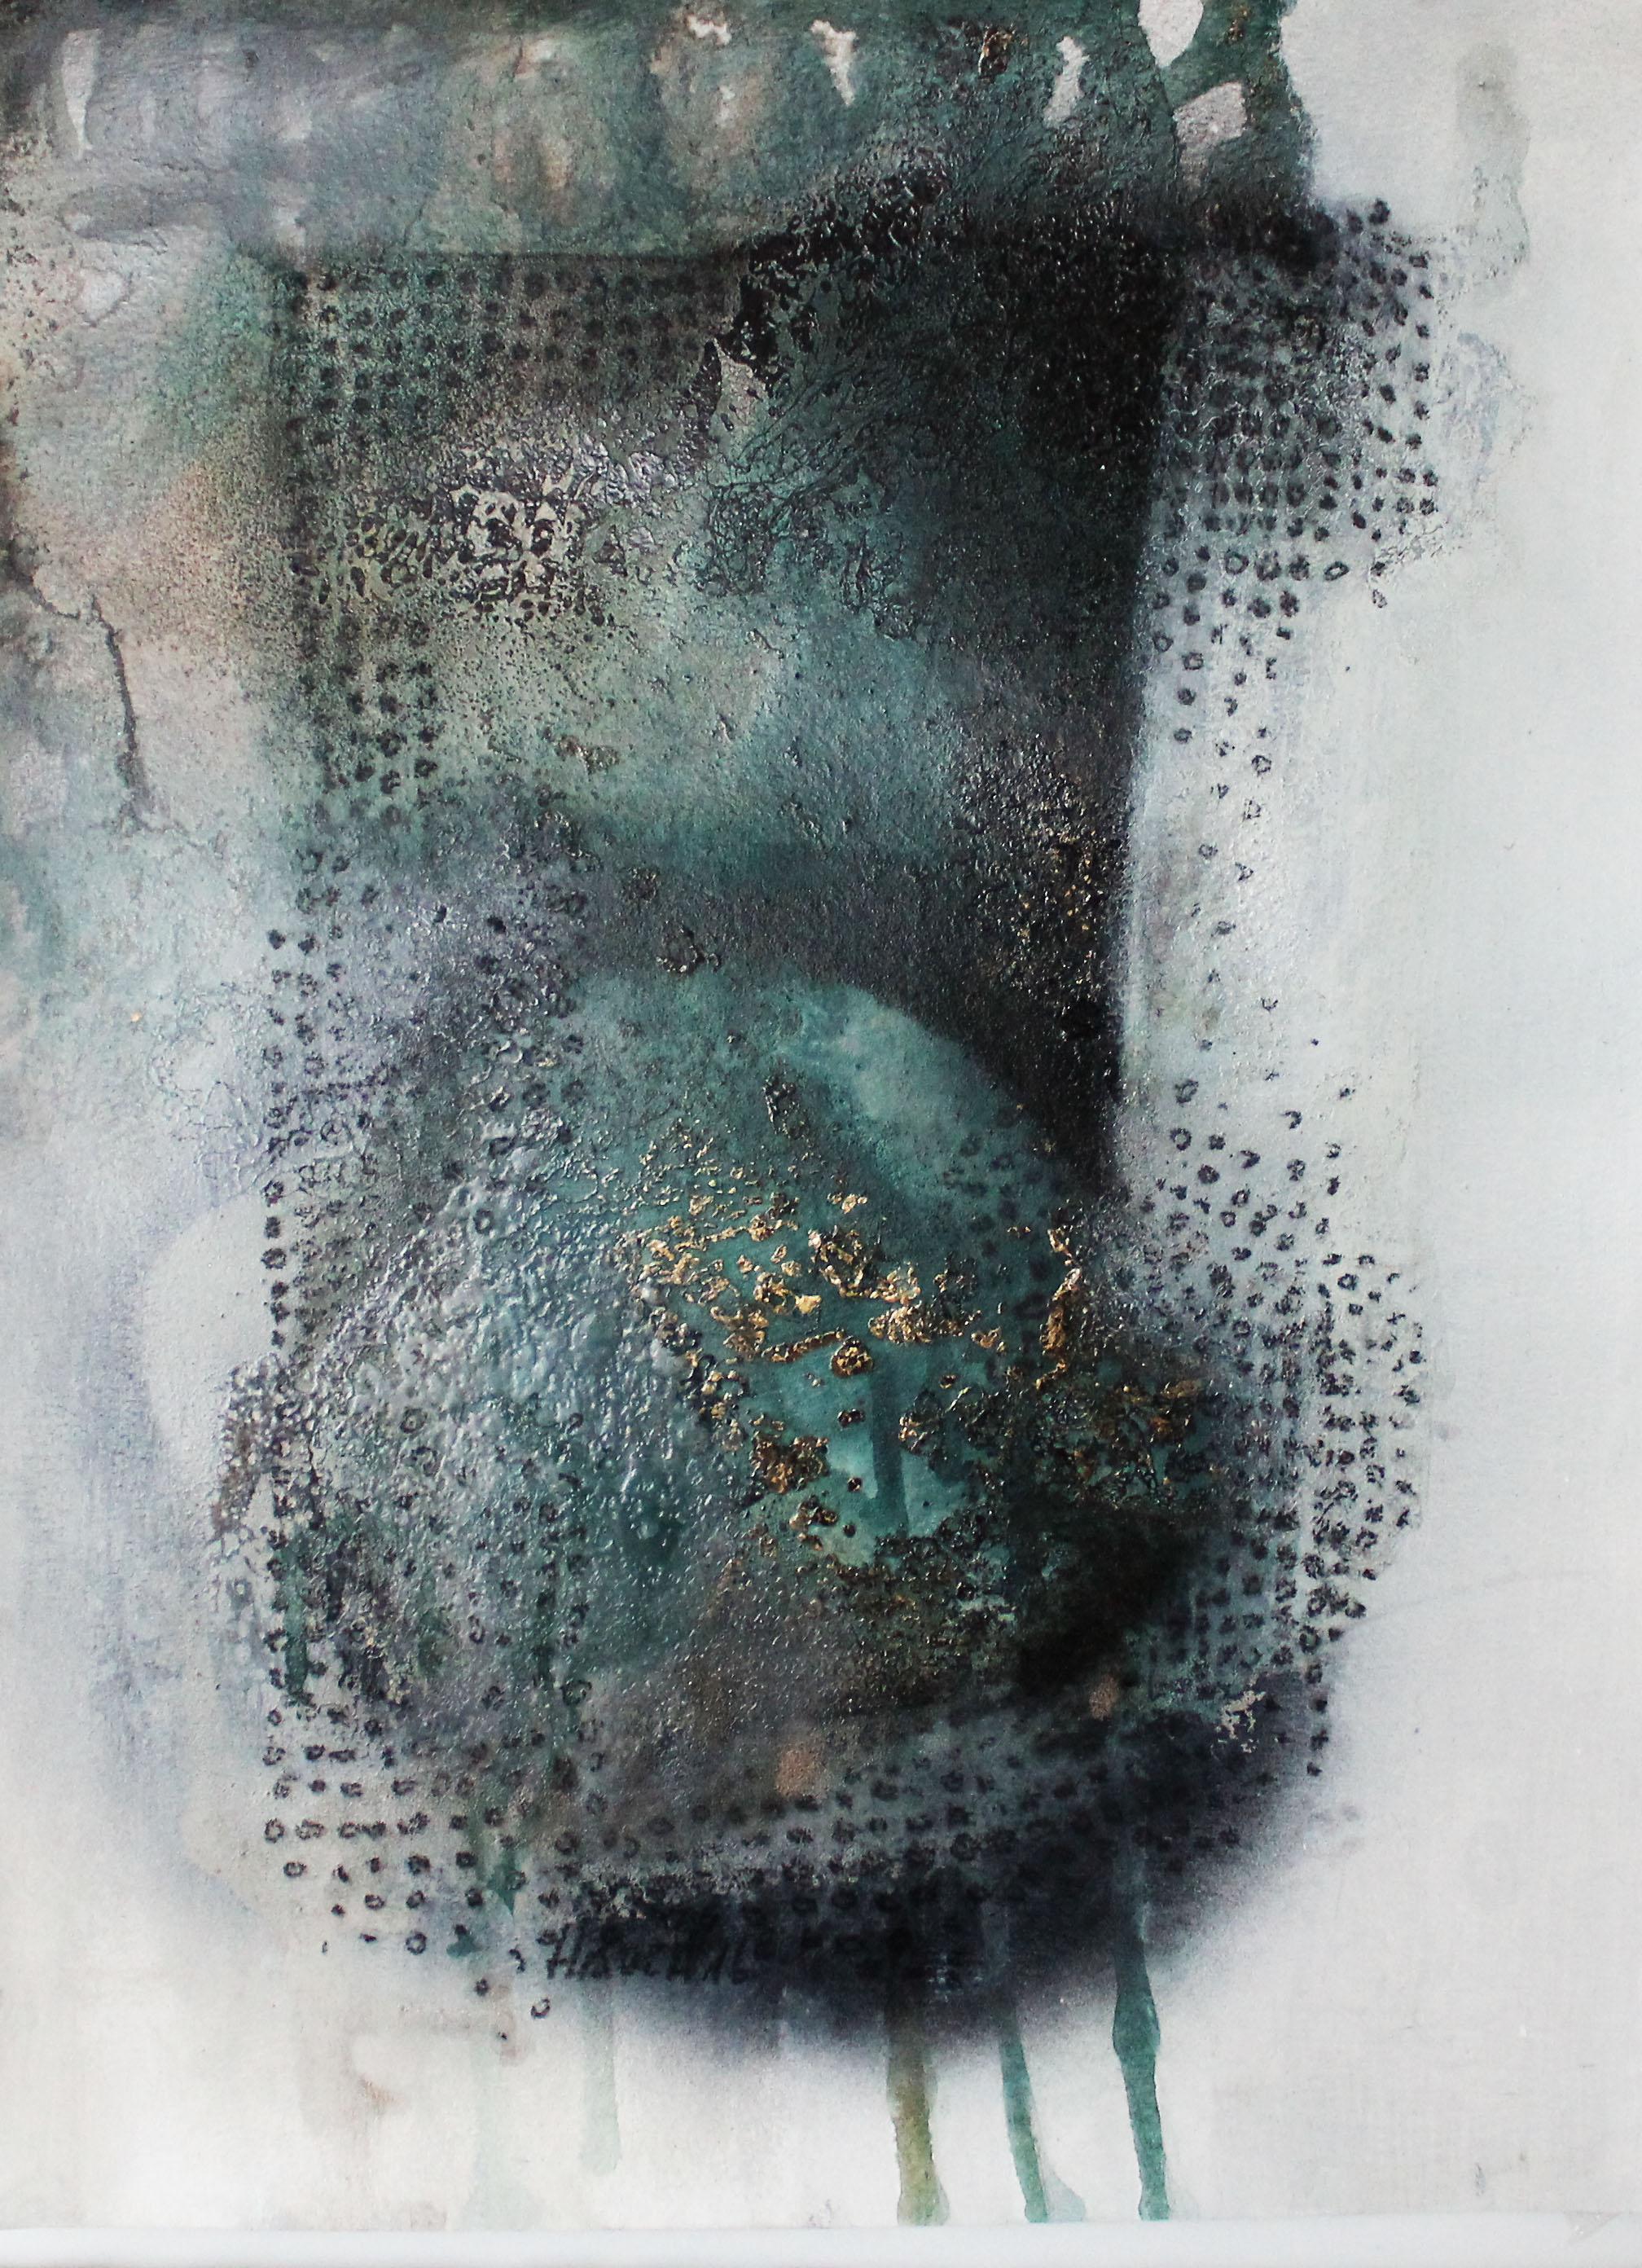 abstrakte-kunst-kleinformate-serie-7-cornelia-hauch